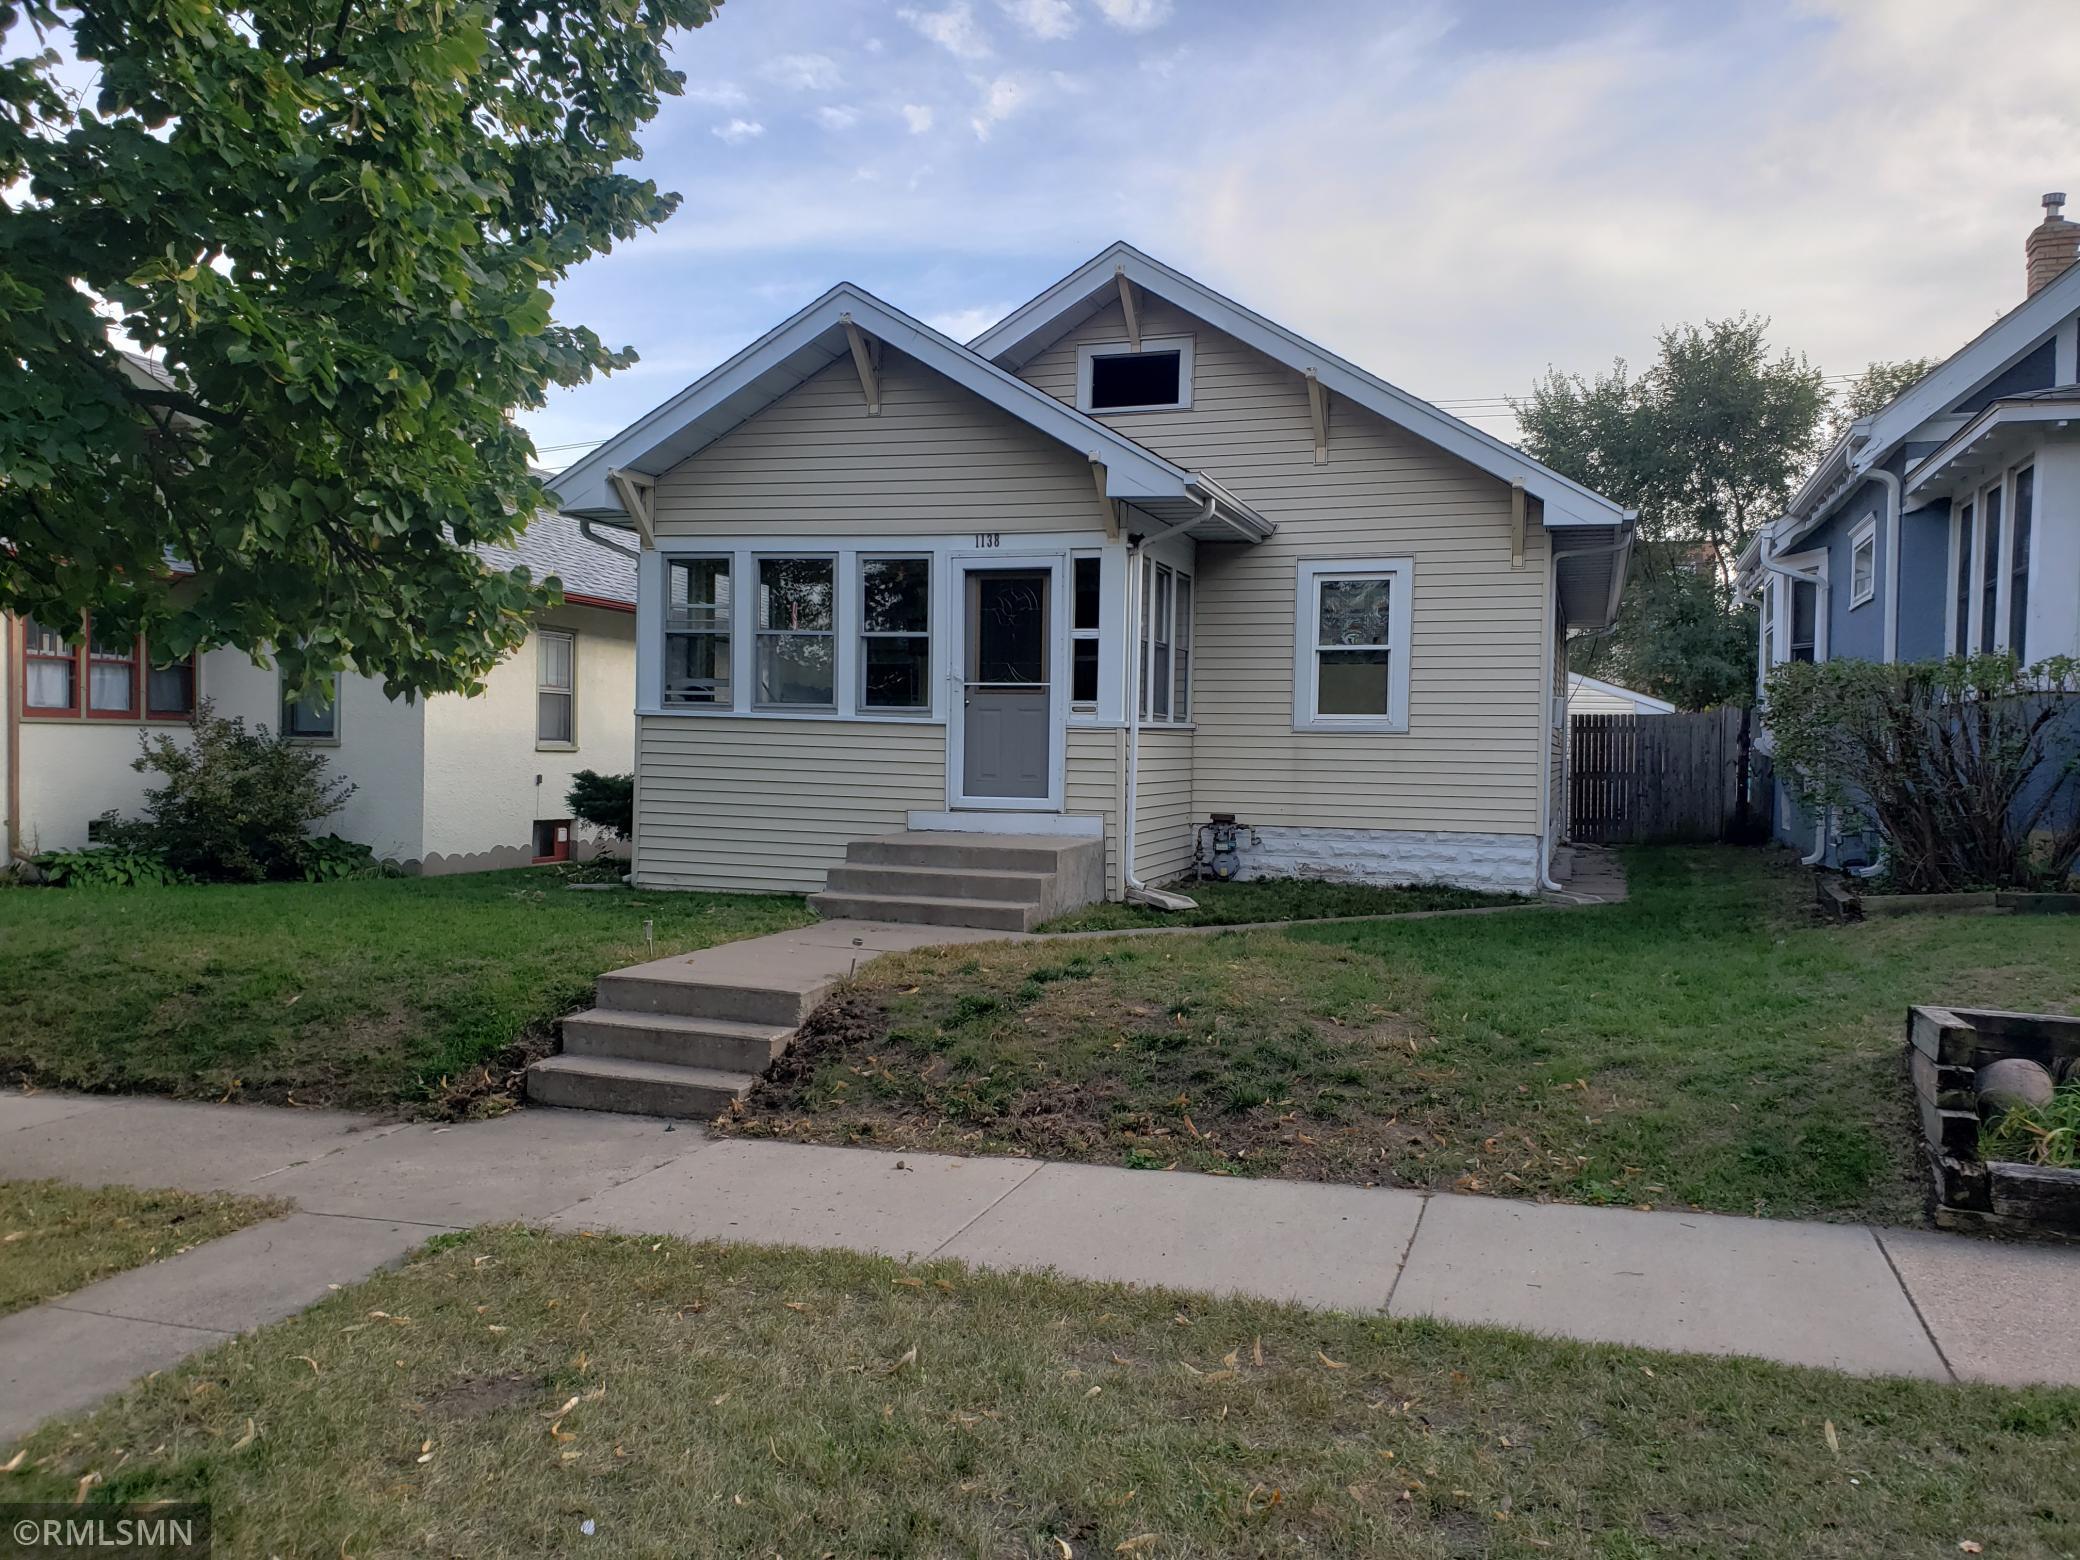 1138 Sherburne Avenue, Saint Paul, Minnesota 55104, 2 Bedrooms Bedrooms, ,1 BathroomBathrooms,Residential,For Sale,Sherburne,NST6107668